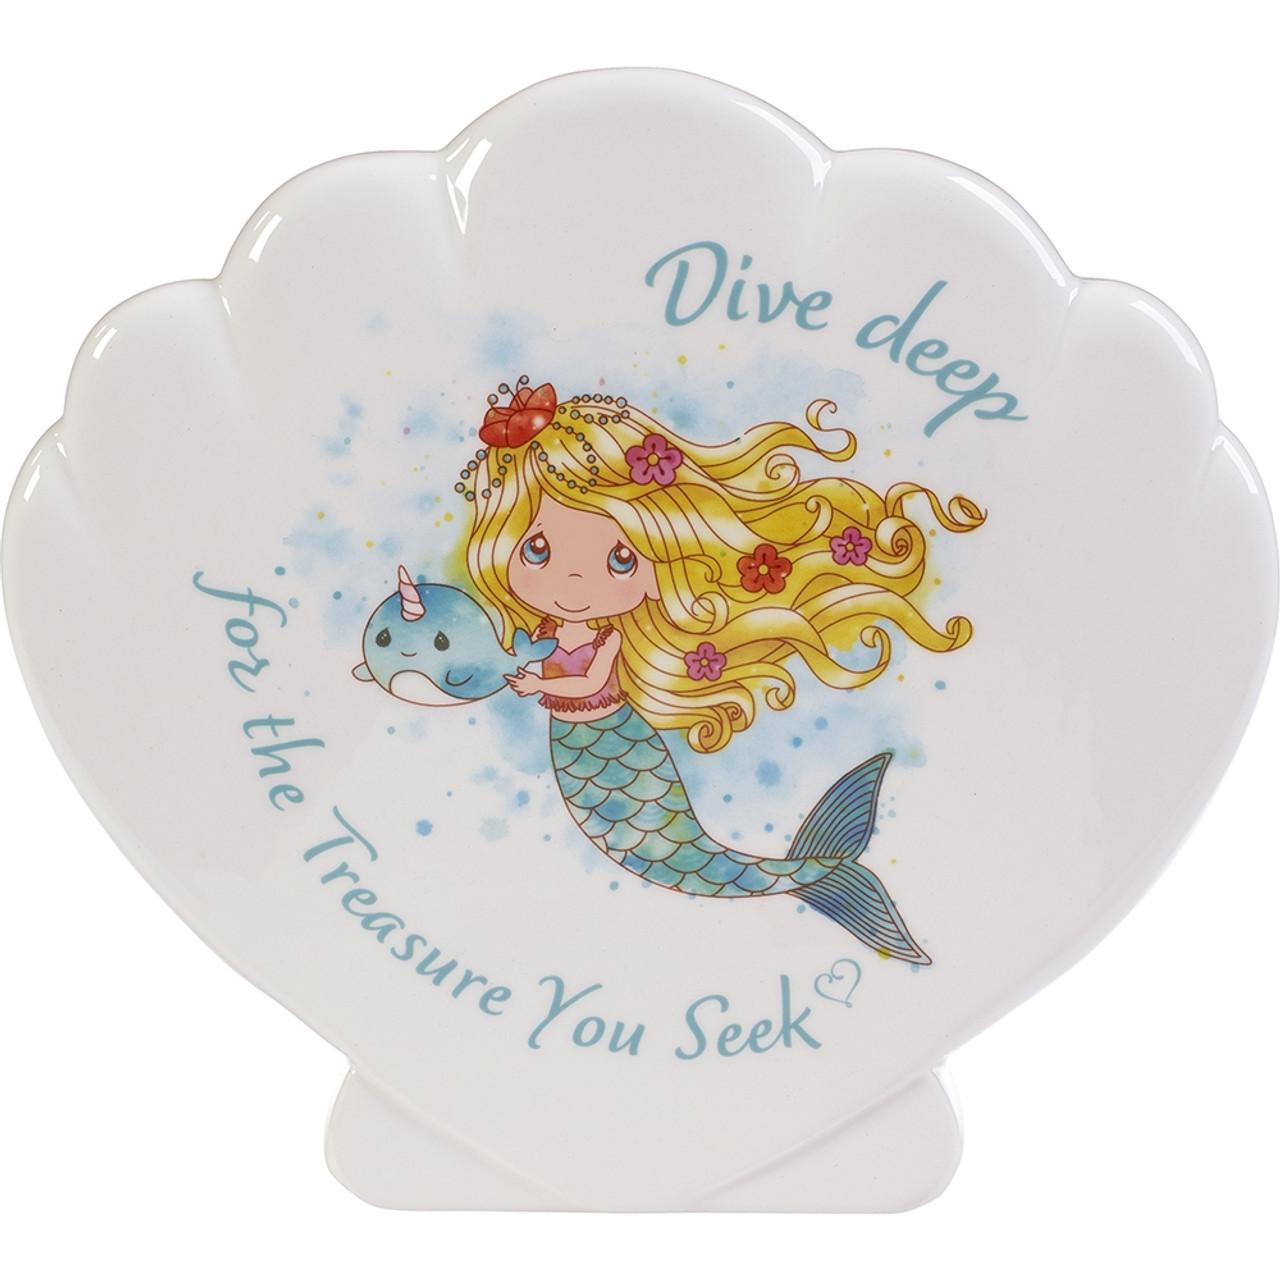 Dive Deep For The Treasure You Seek Mermaid Piggy Bank Ceramic 191480